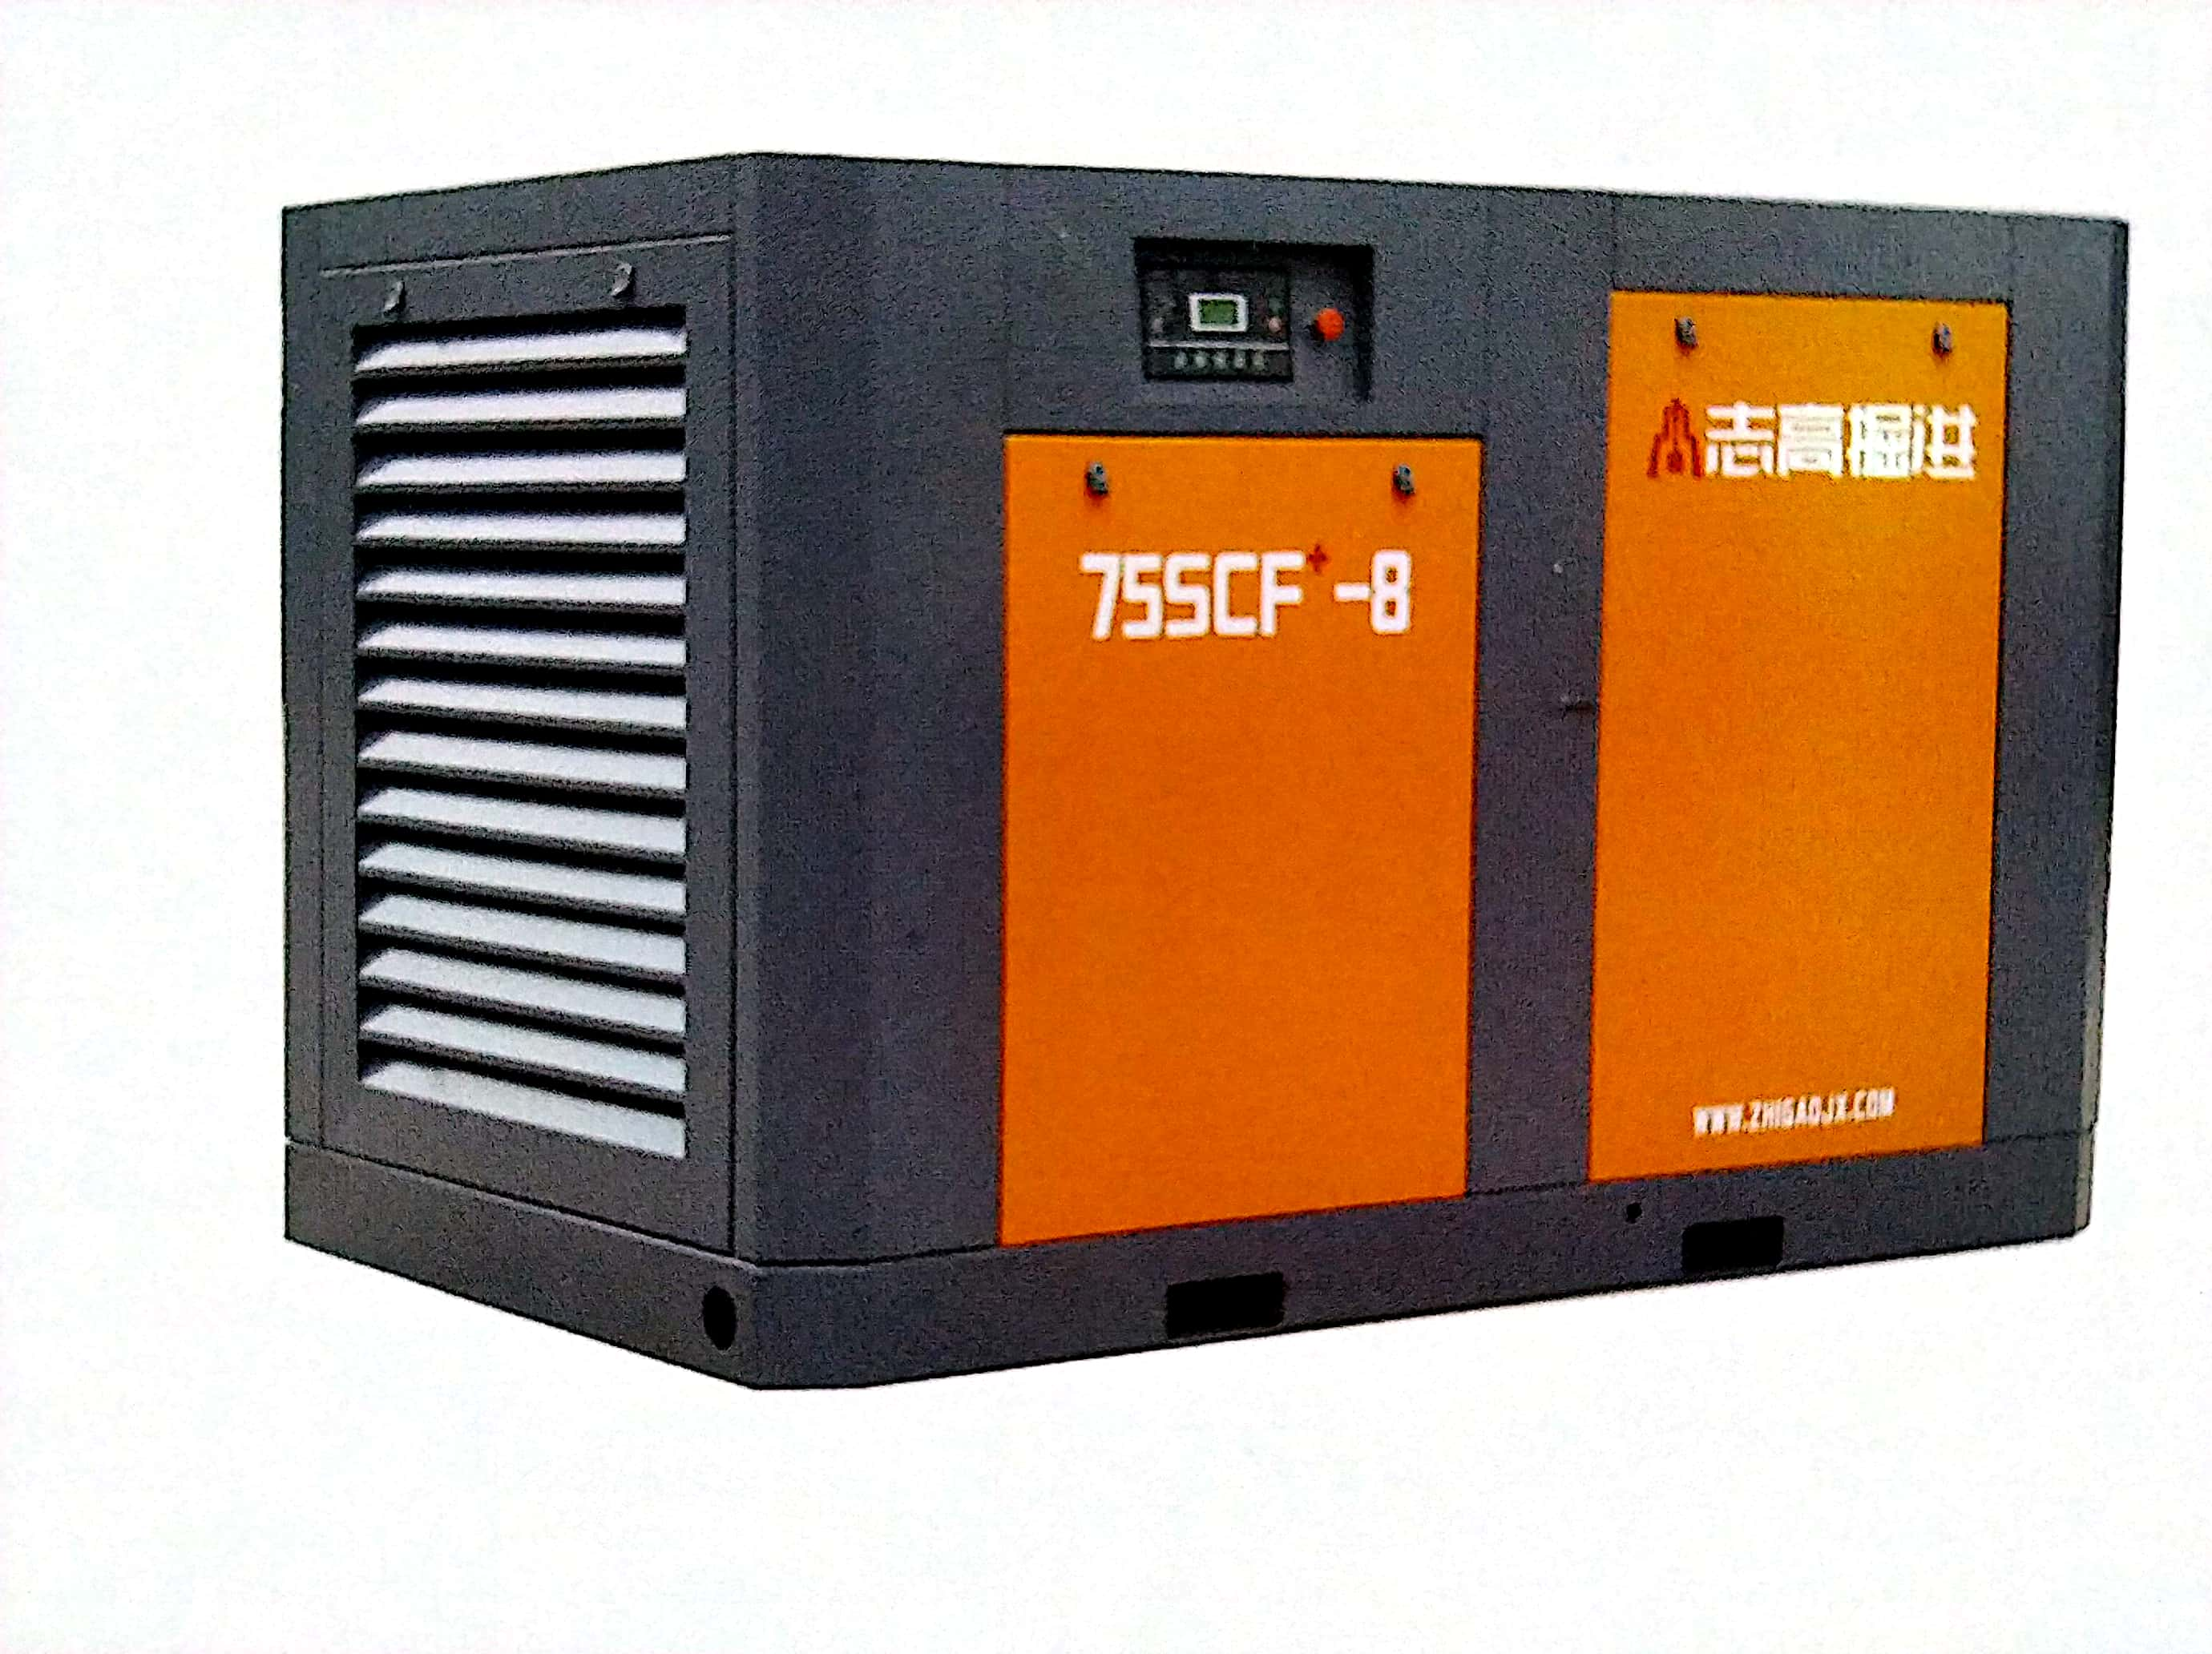 75SCF+-8